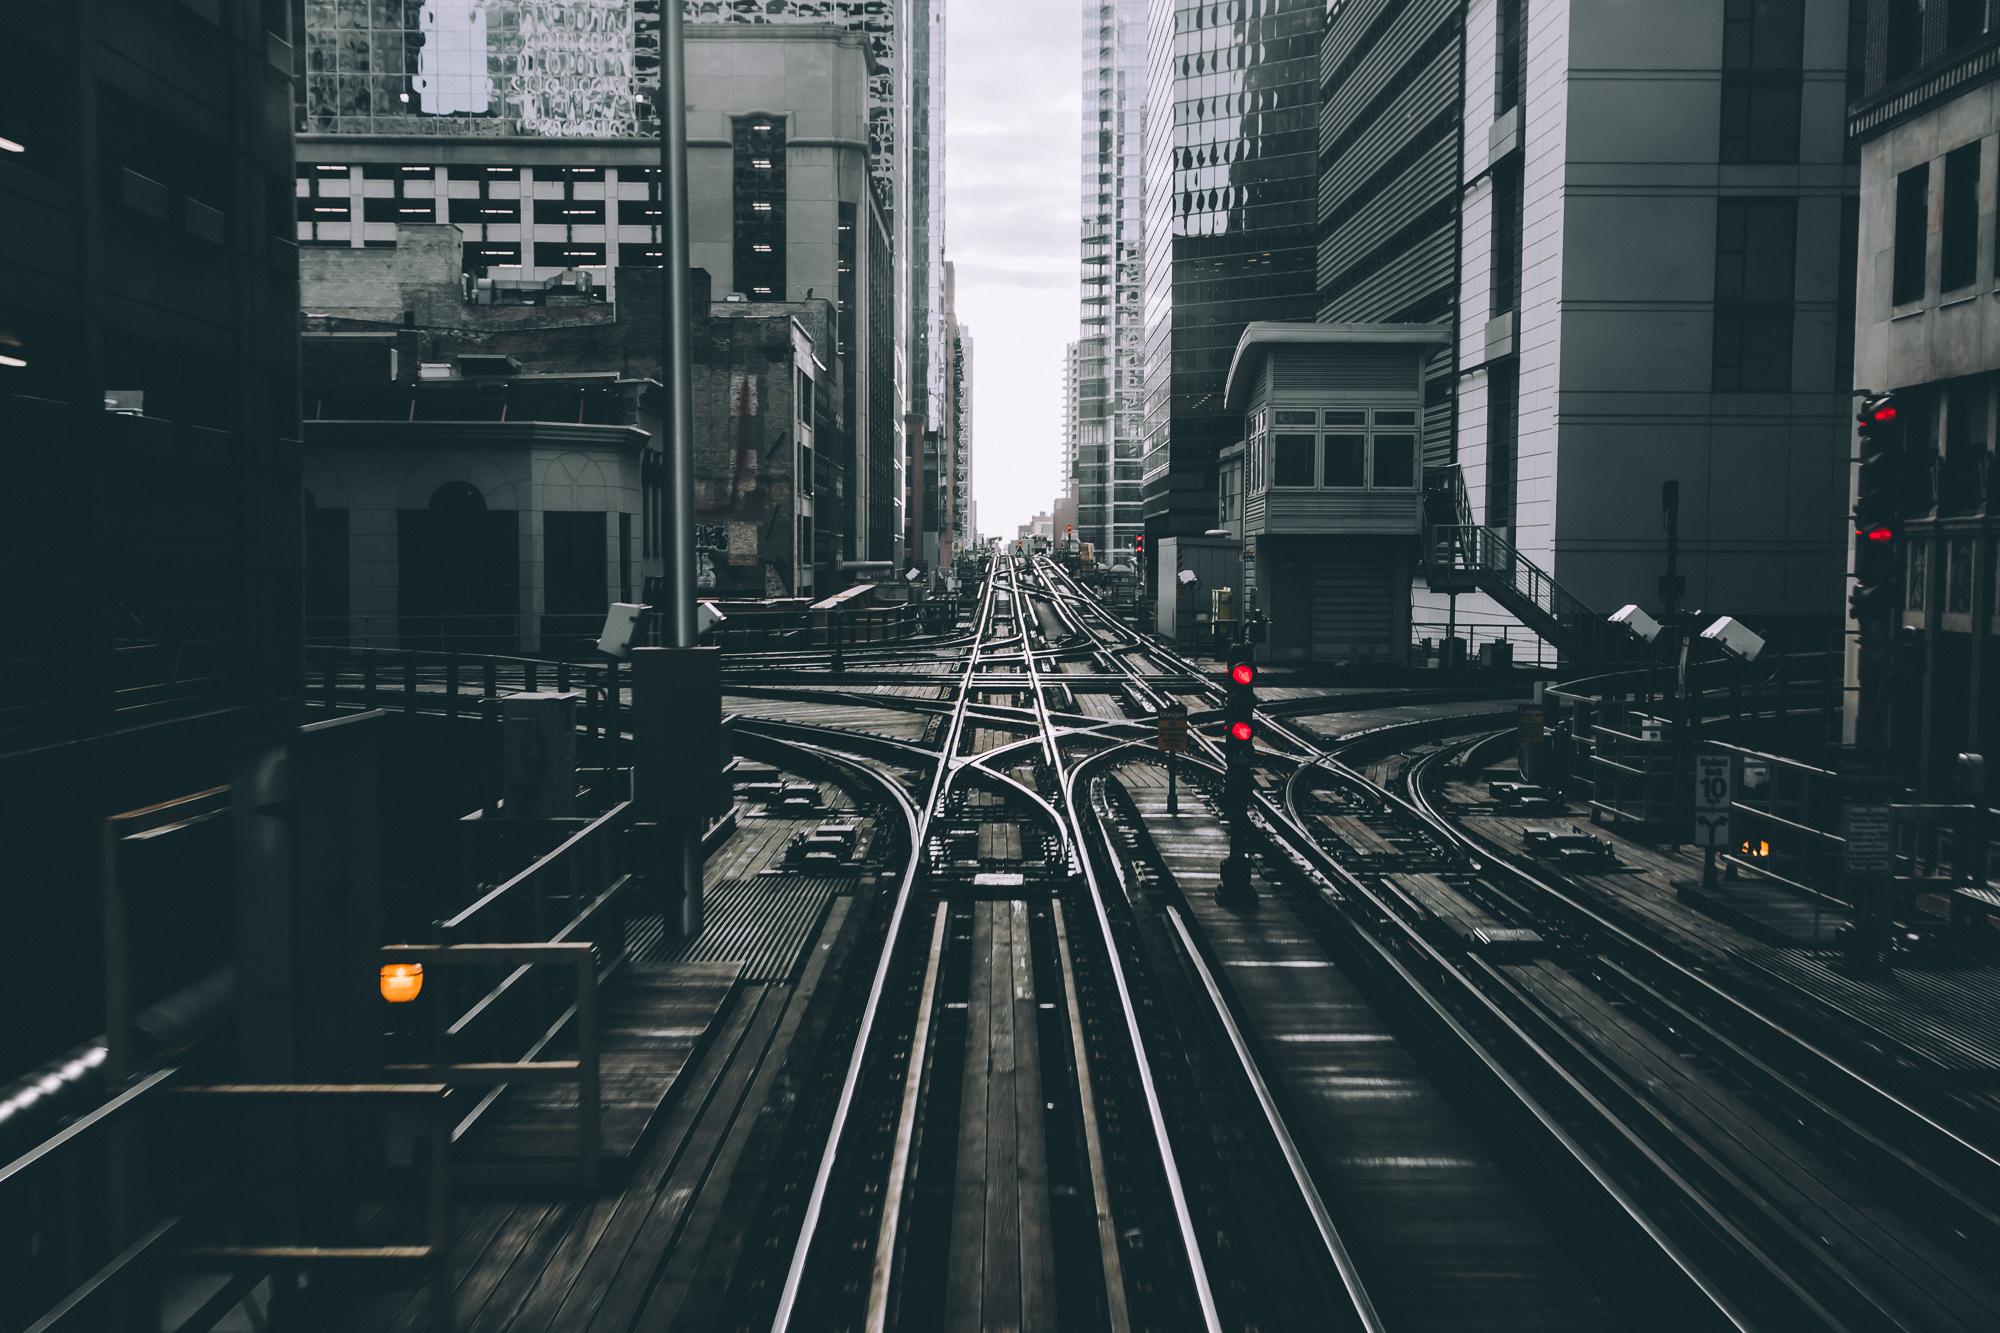 chicago-el-tracks